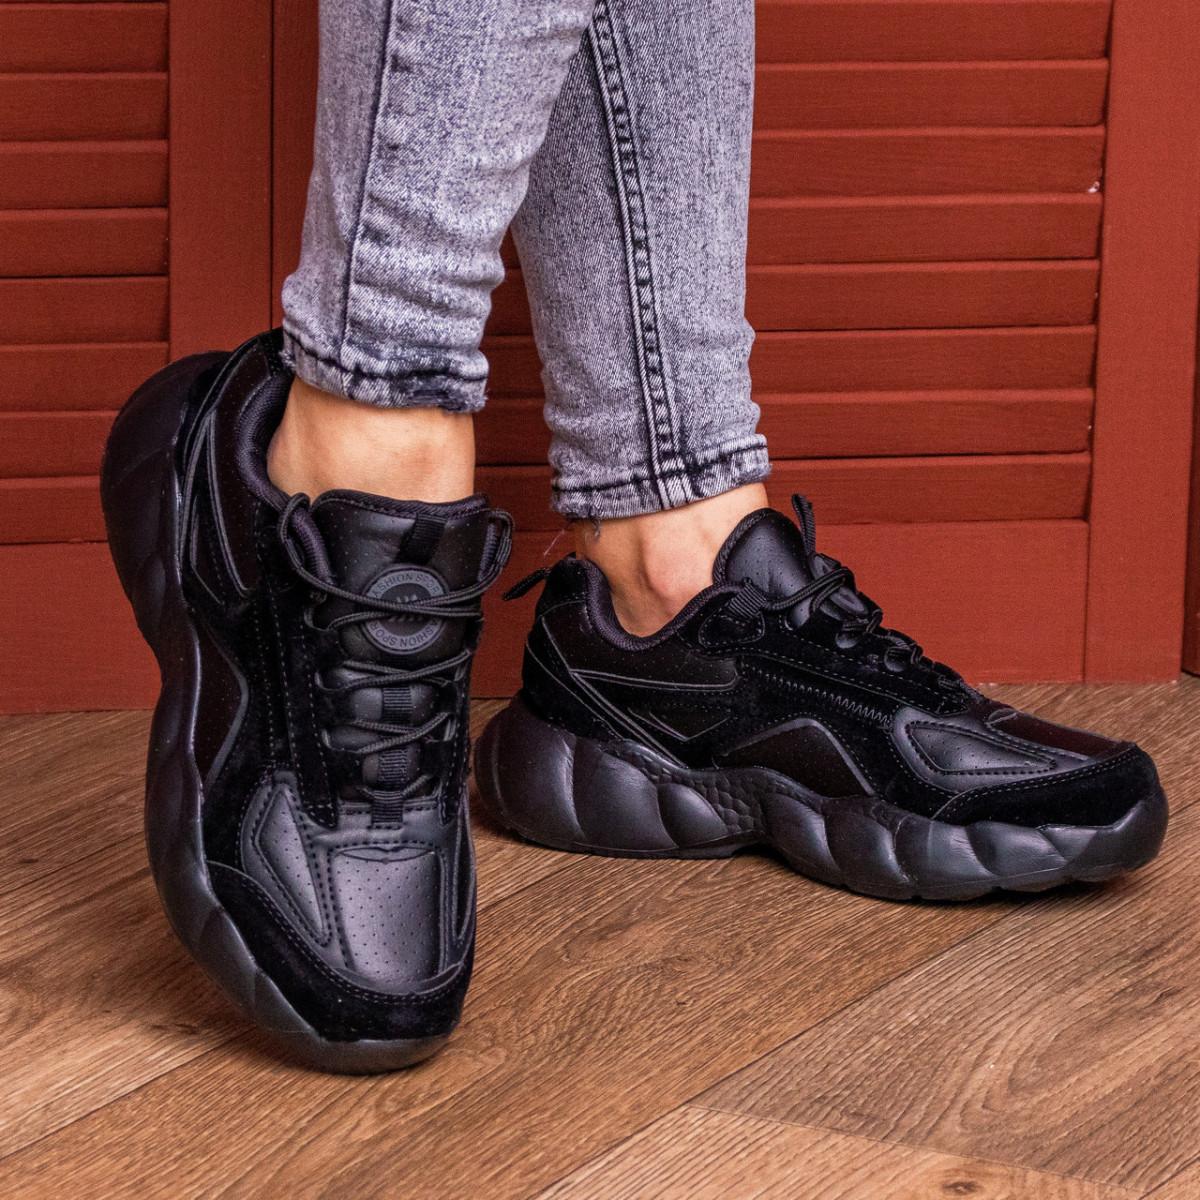 Женские кроссовки Fashion Bruno 1997 36 размер 23,5 см Черный